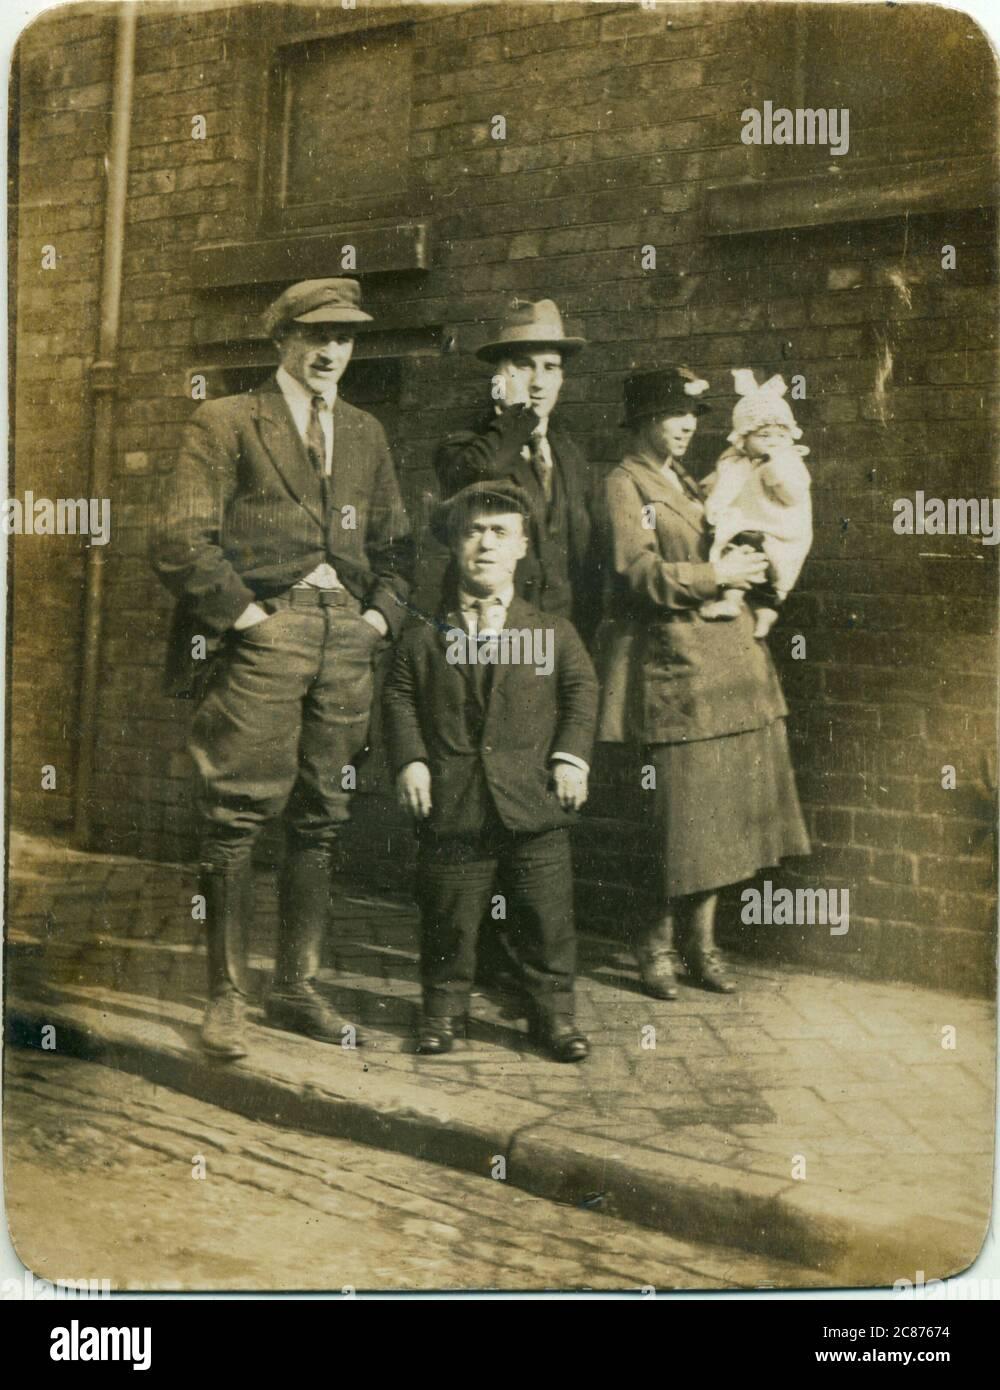 Groupe de personnes, éventuellement membres de la famille, y compris un homme de croissance restreinte (nanisme), années 1920. Date: 1920 Banque D'Images